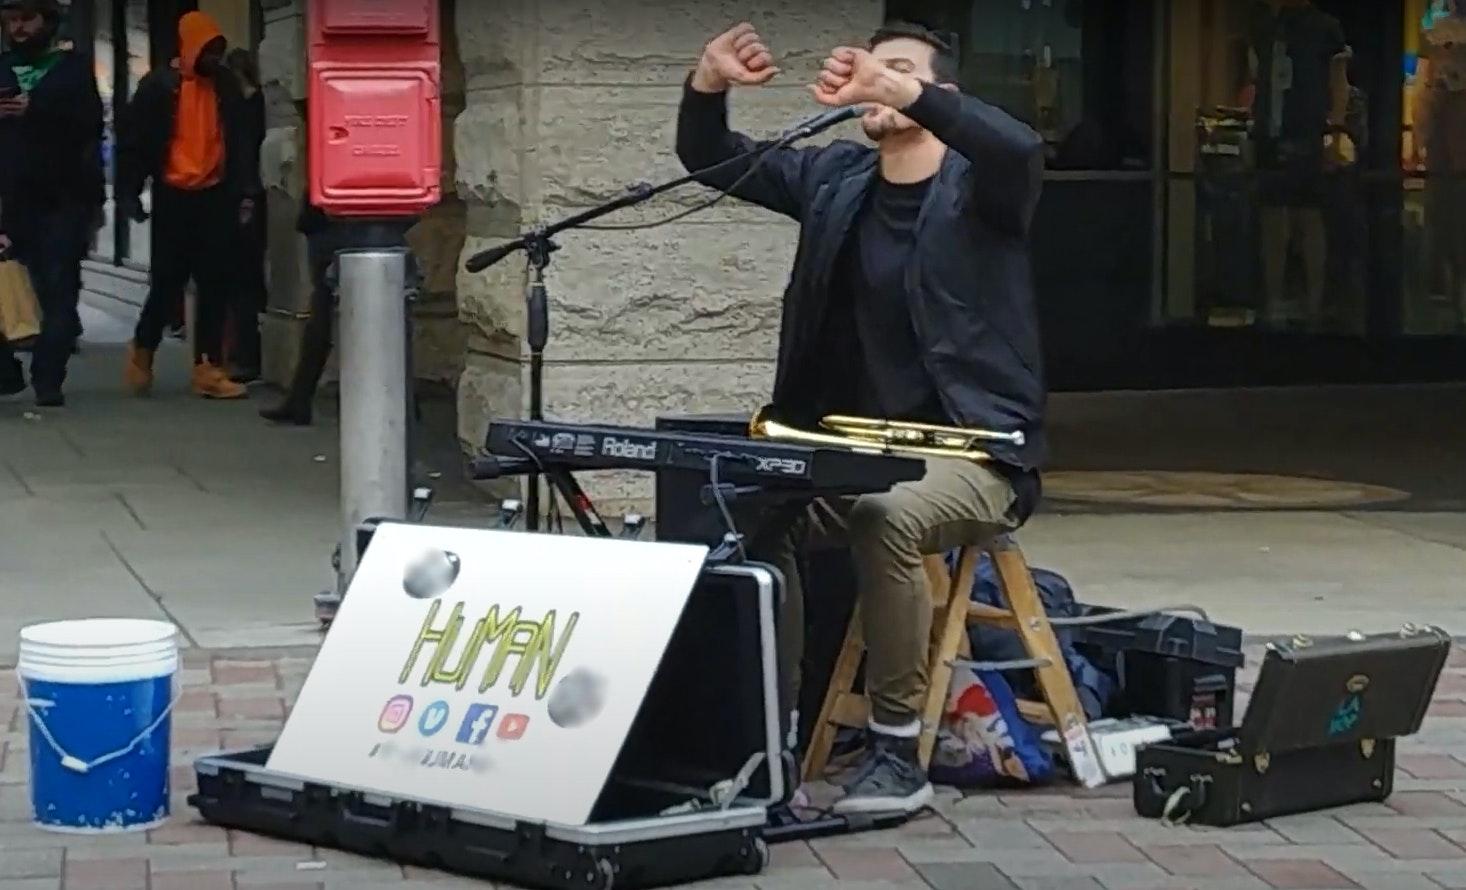 Las organizaciones benéficas, los músicos callejeros y los mendigos no se sienten tan festivos en la sociedad sin efectivo 102